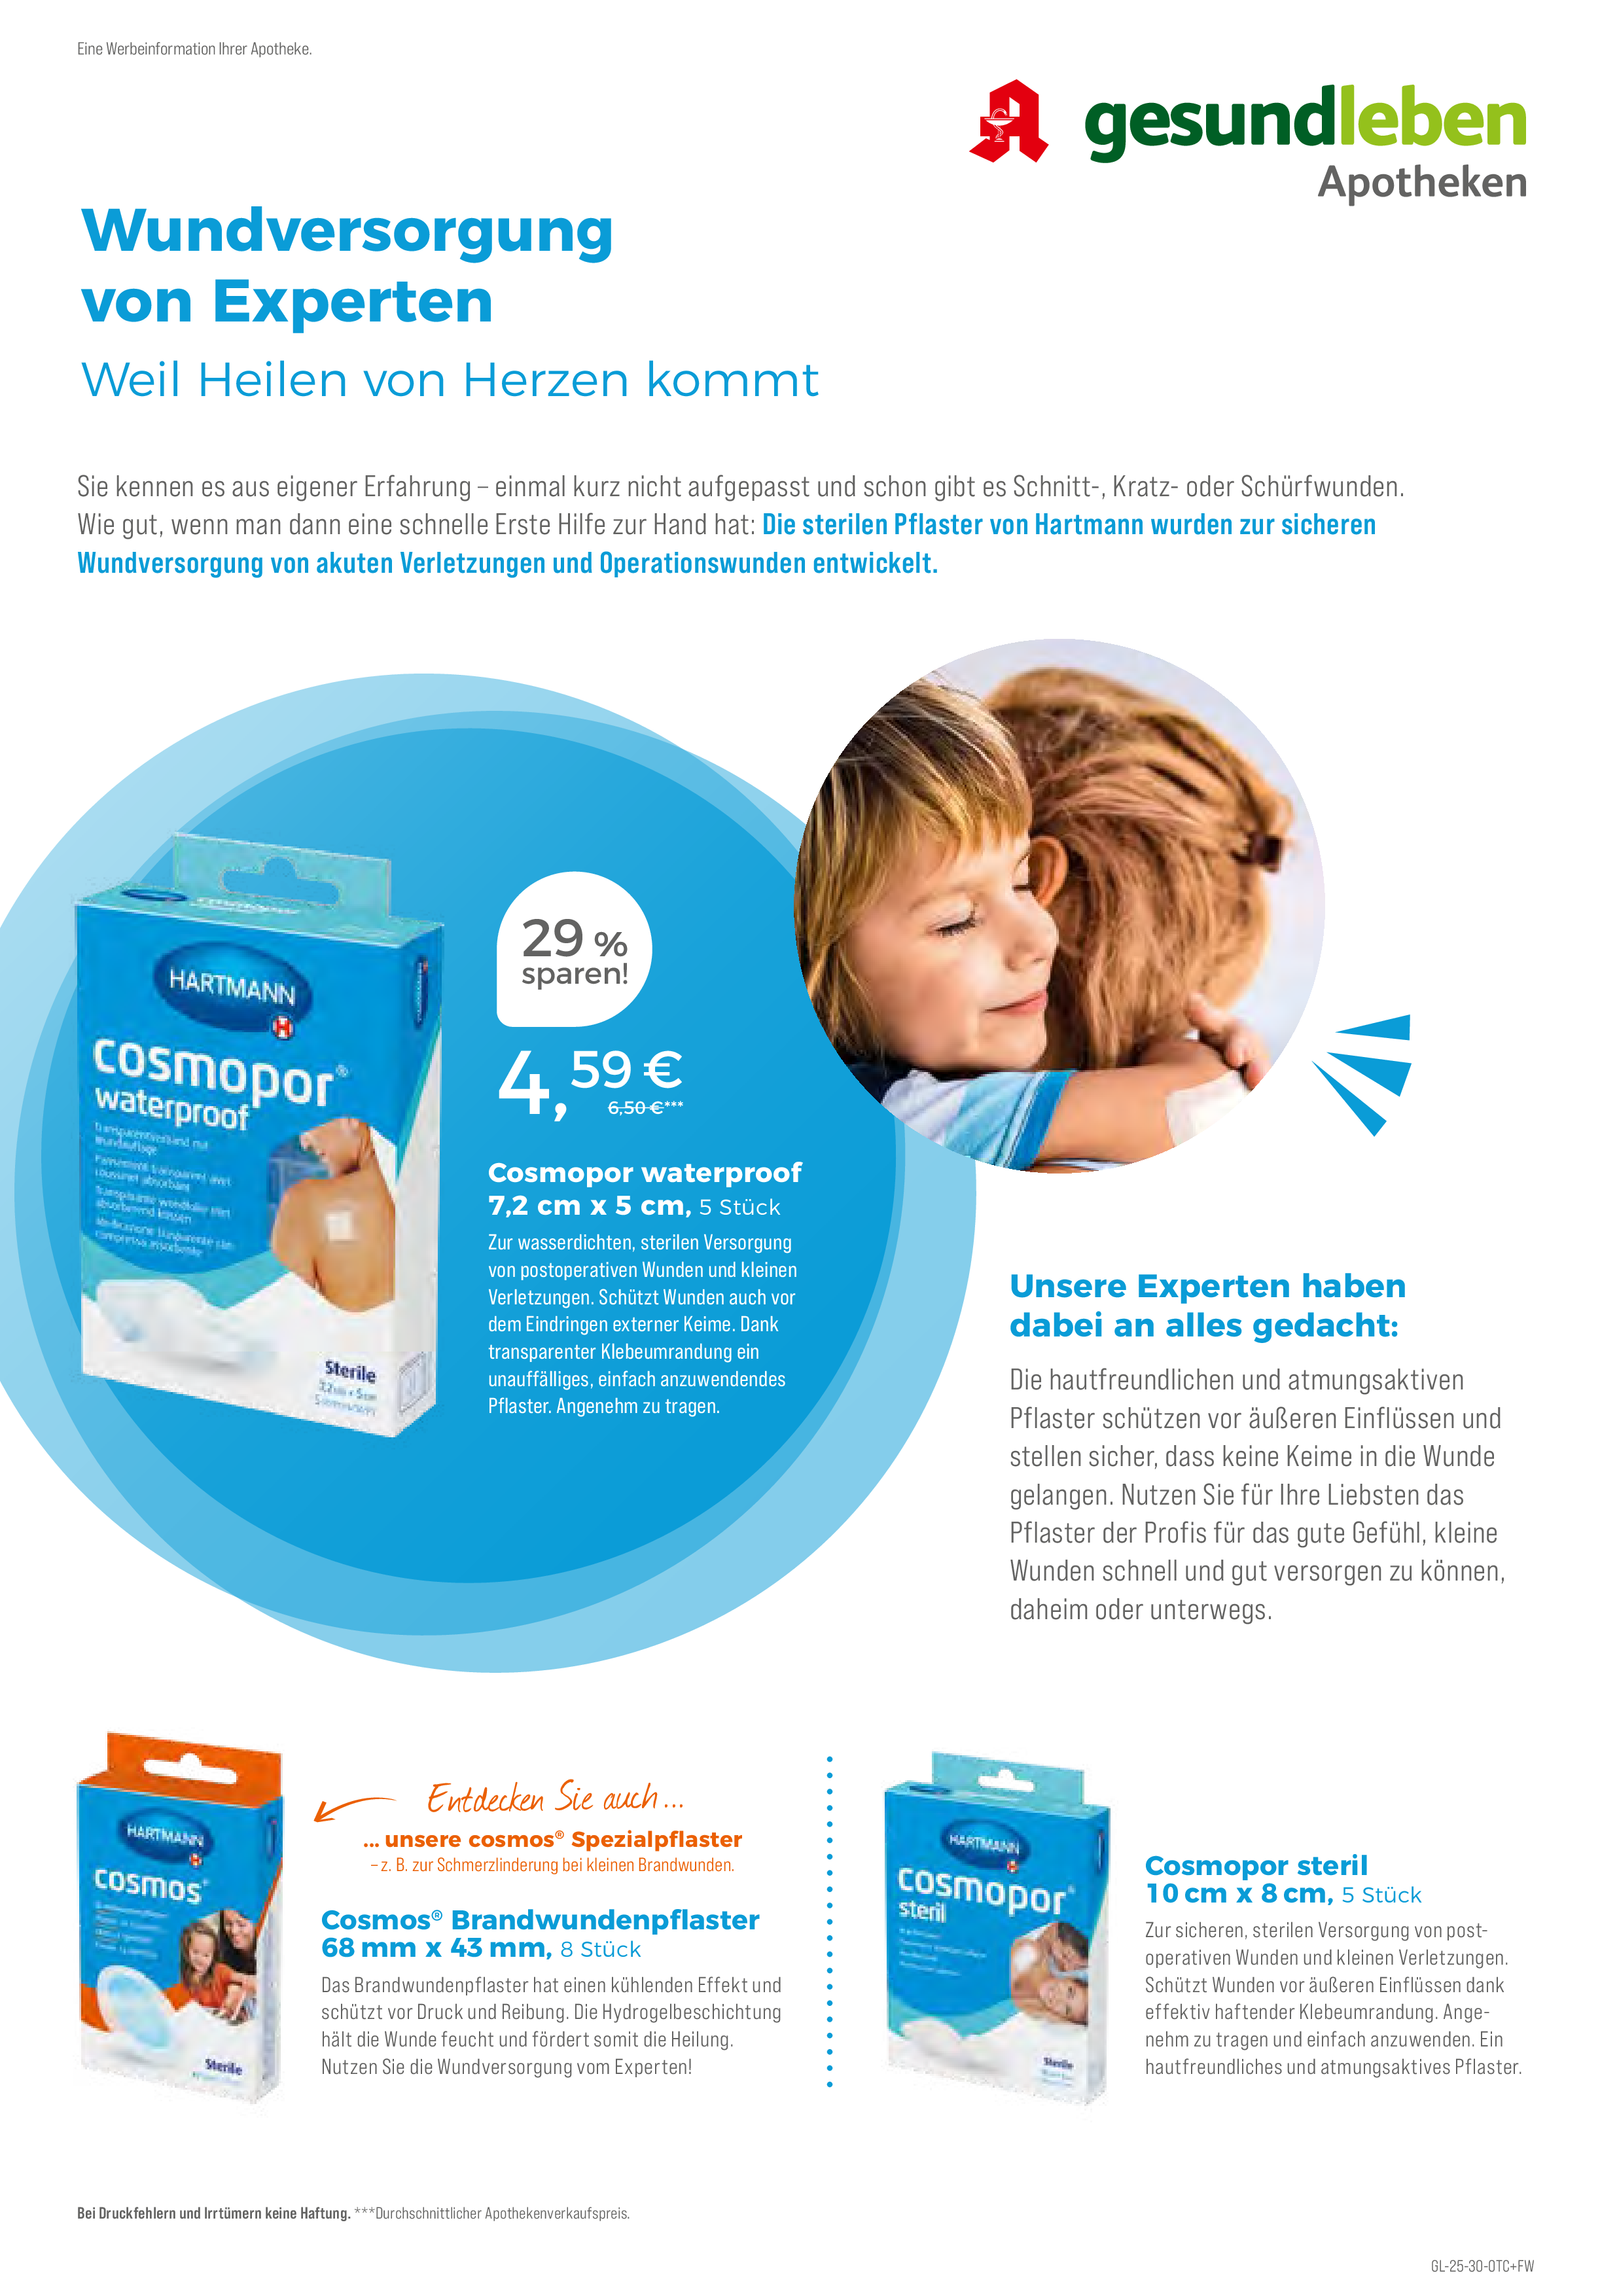 https://mein-uploads.apocdn.net/203/leaflets/gesundleben_hoch-Seite5.png